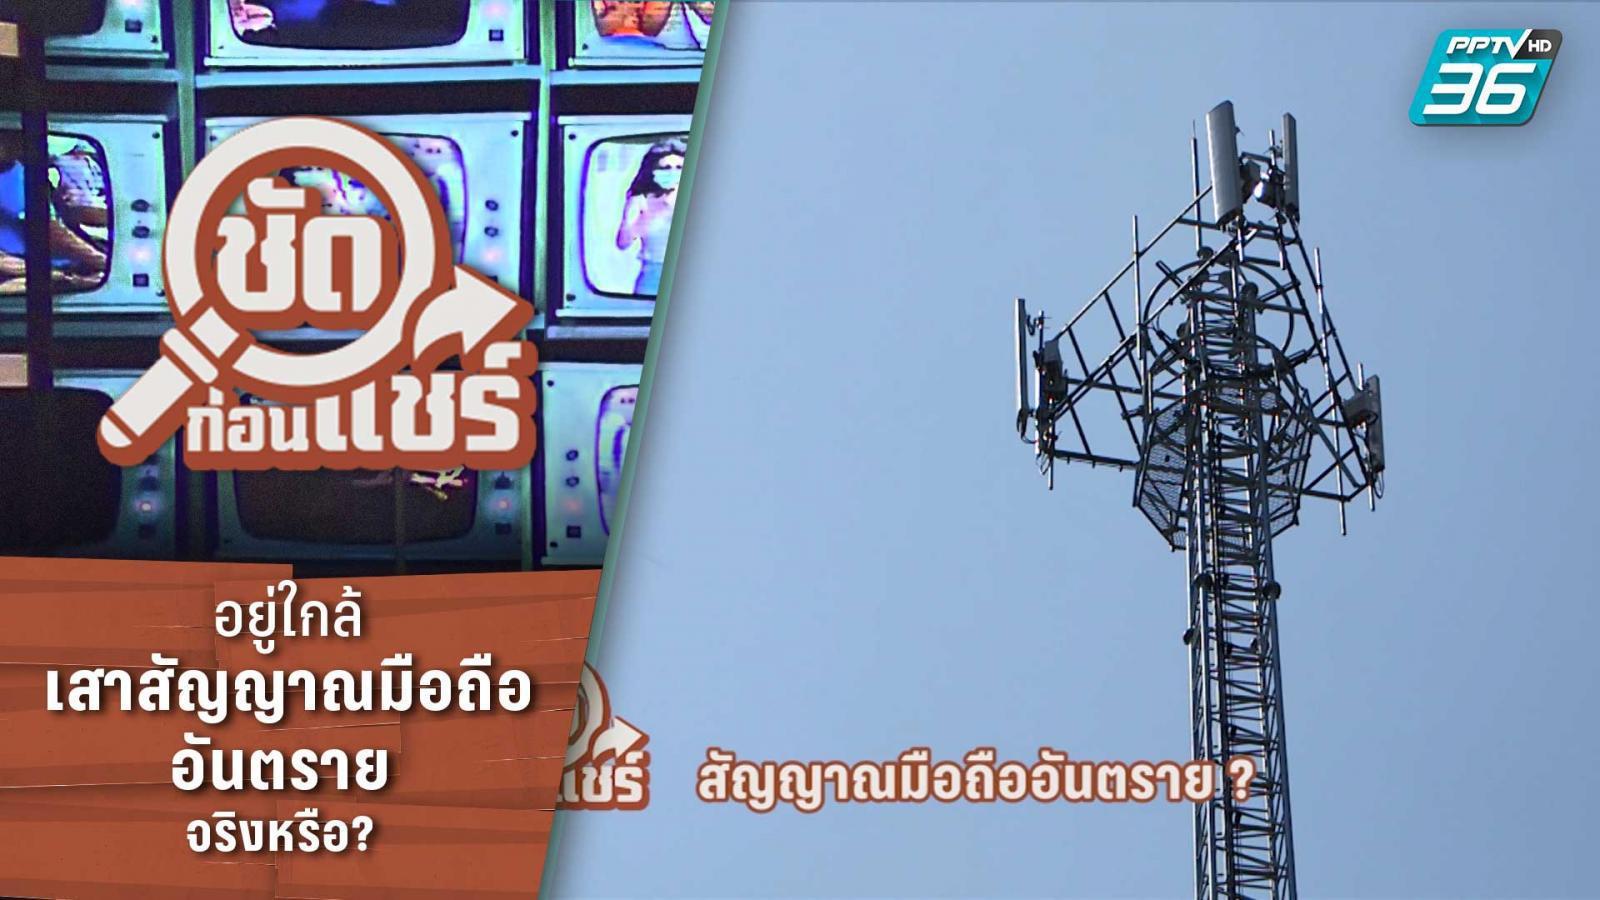 ชัดก่อนแชร์ | อยู่ใกล้เสาสัญญาณมือถือ อันตรายถึงชีวิต  จริงหรือ? | PPTV HD 36